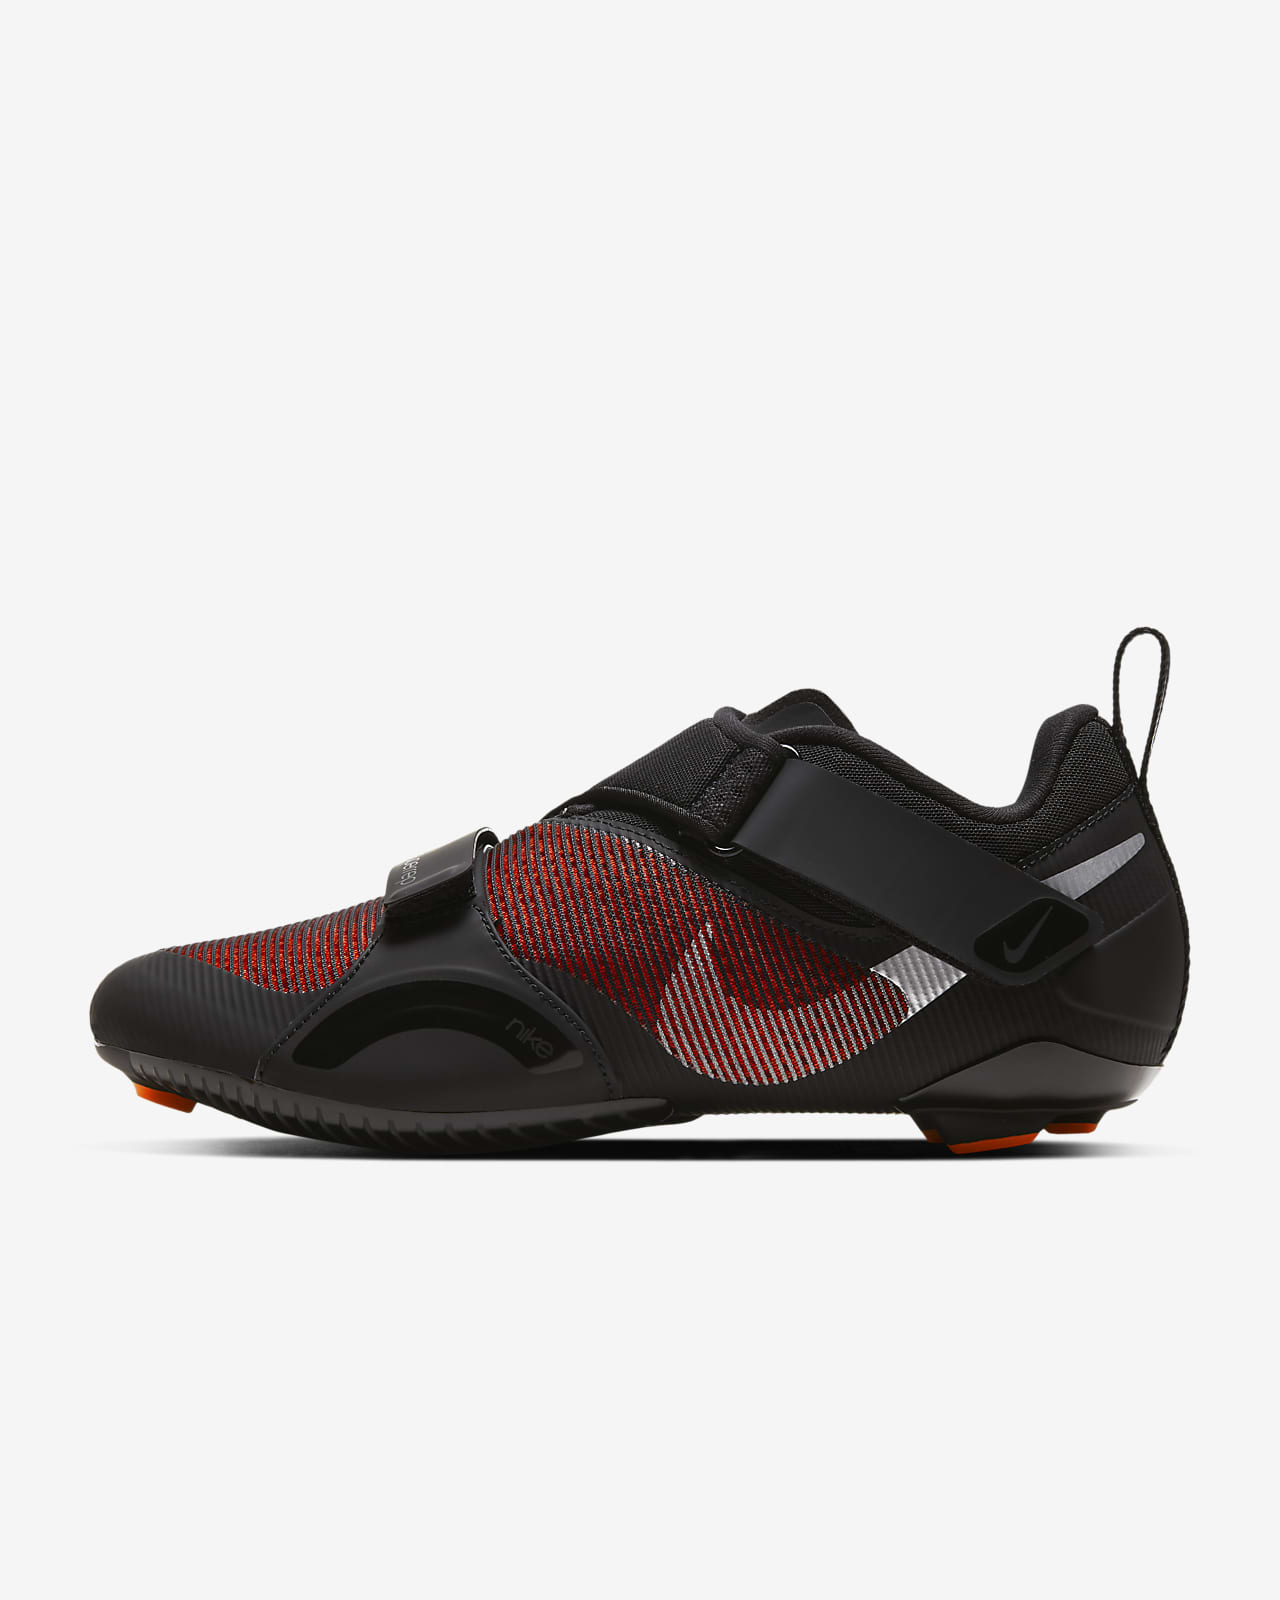 Nike SuperRep Cycle Zapatillas de ciclismo en pista cubierta - Mujer